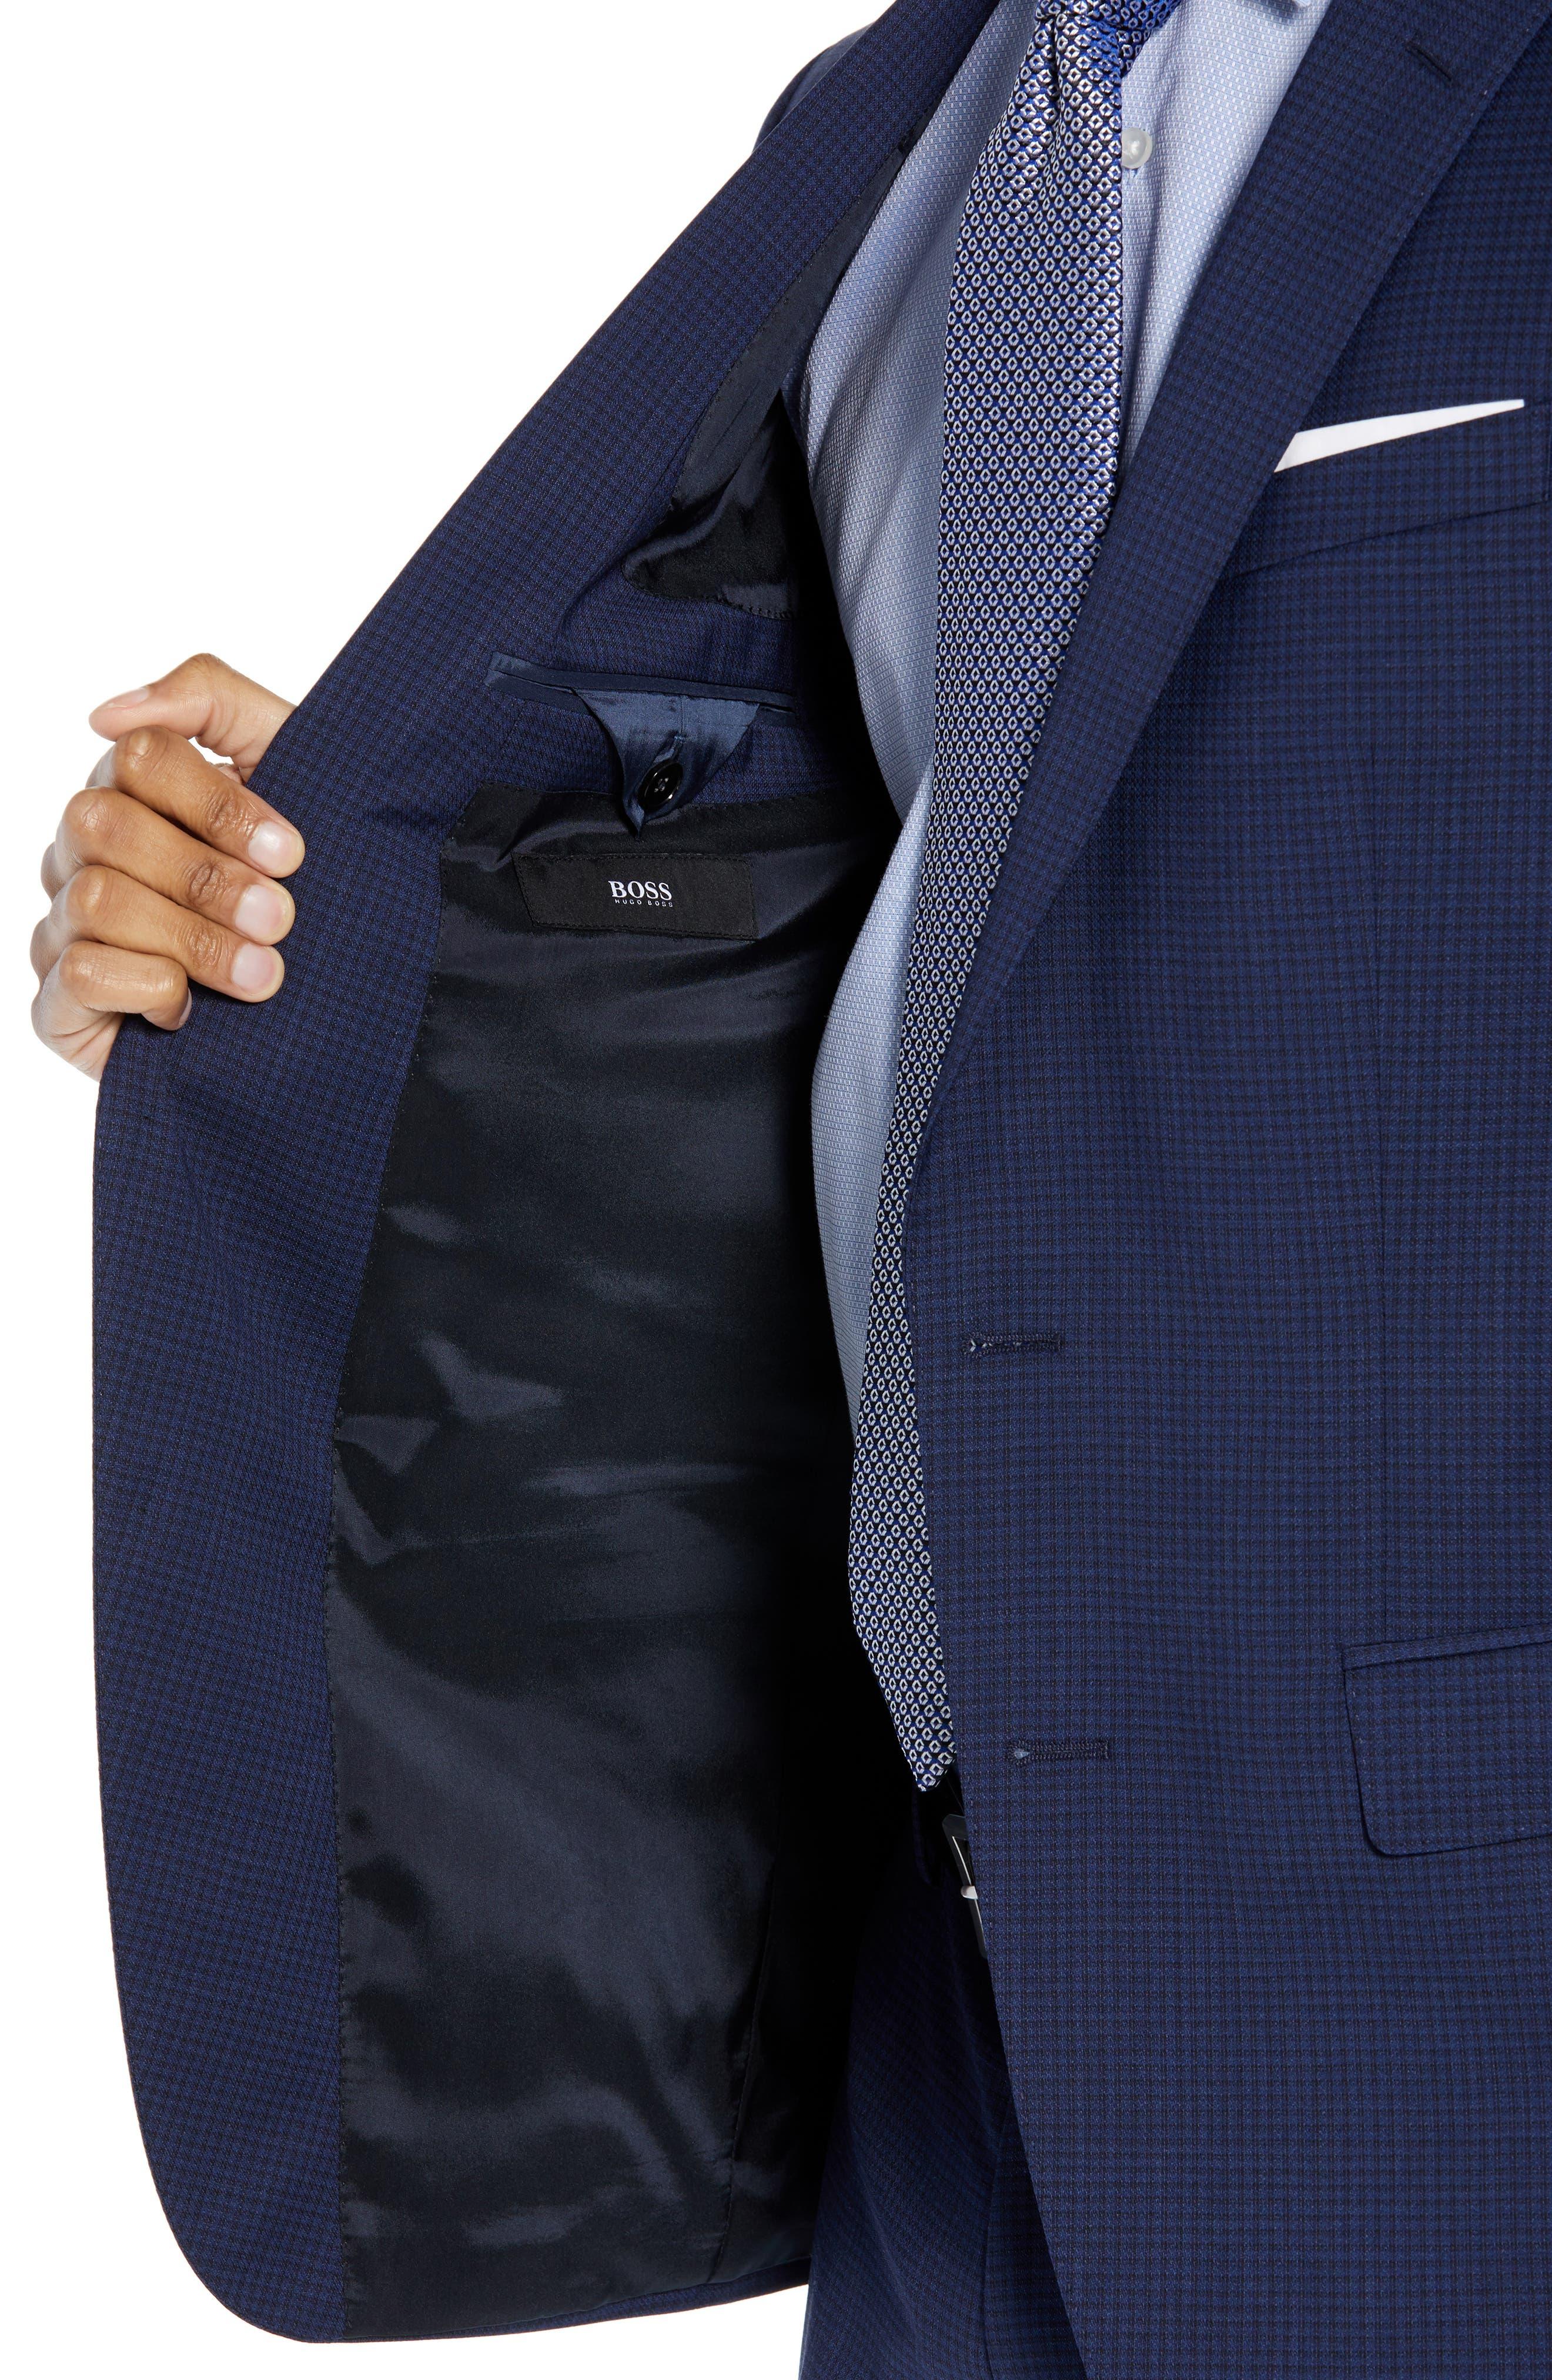 Huge/Genius Trim Fit Solid Wool Suit,                             Alternate thumbnail 4, color,                             DARK BLUE